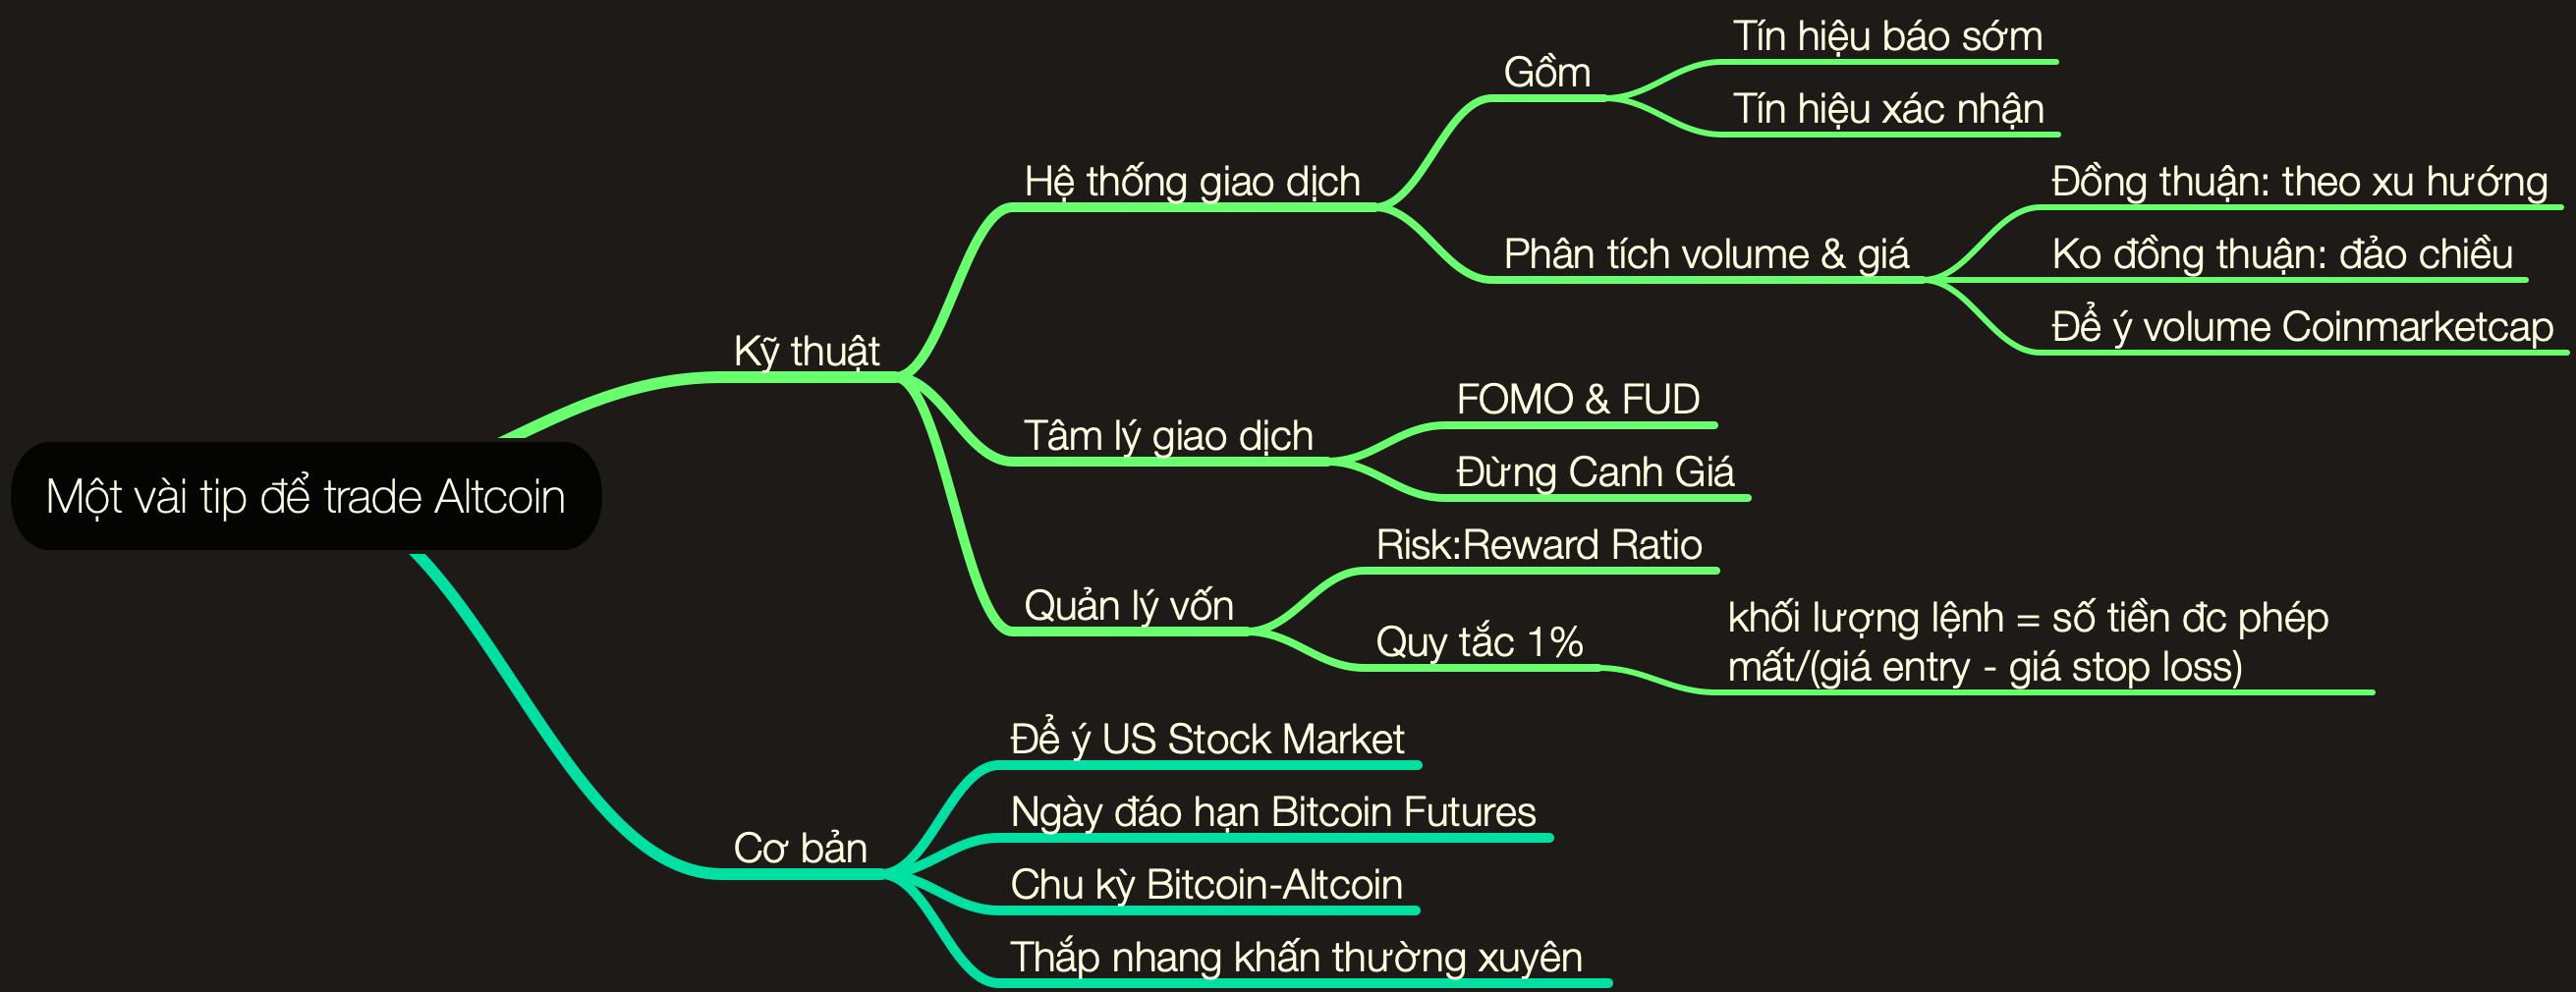 Một vài tip để trade Altcoin.